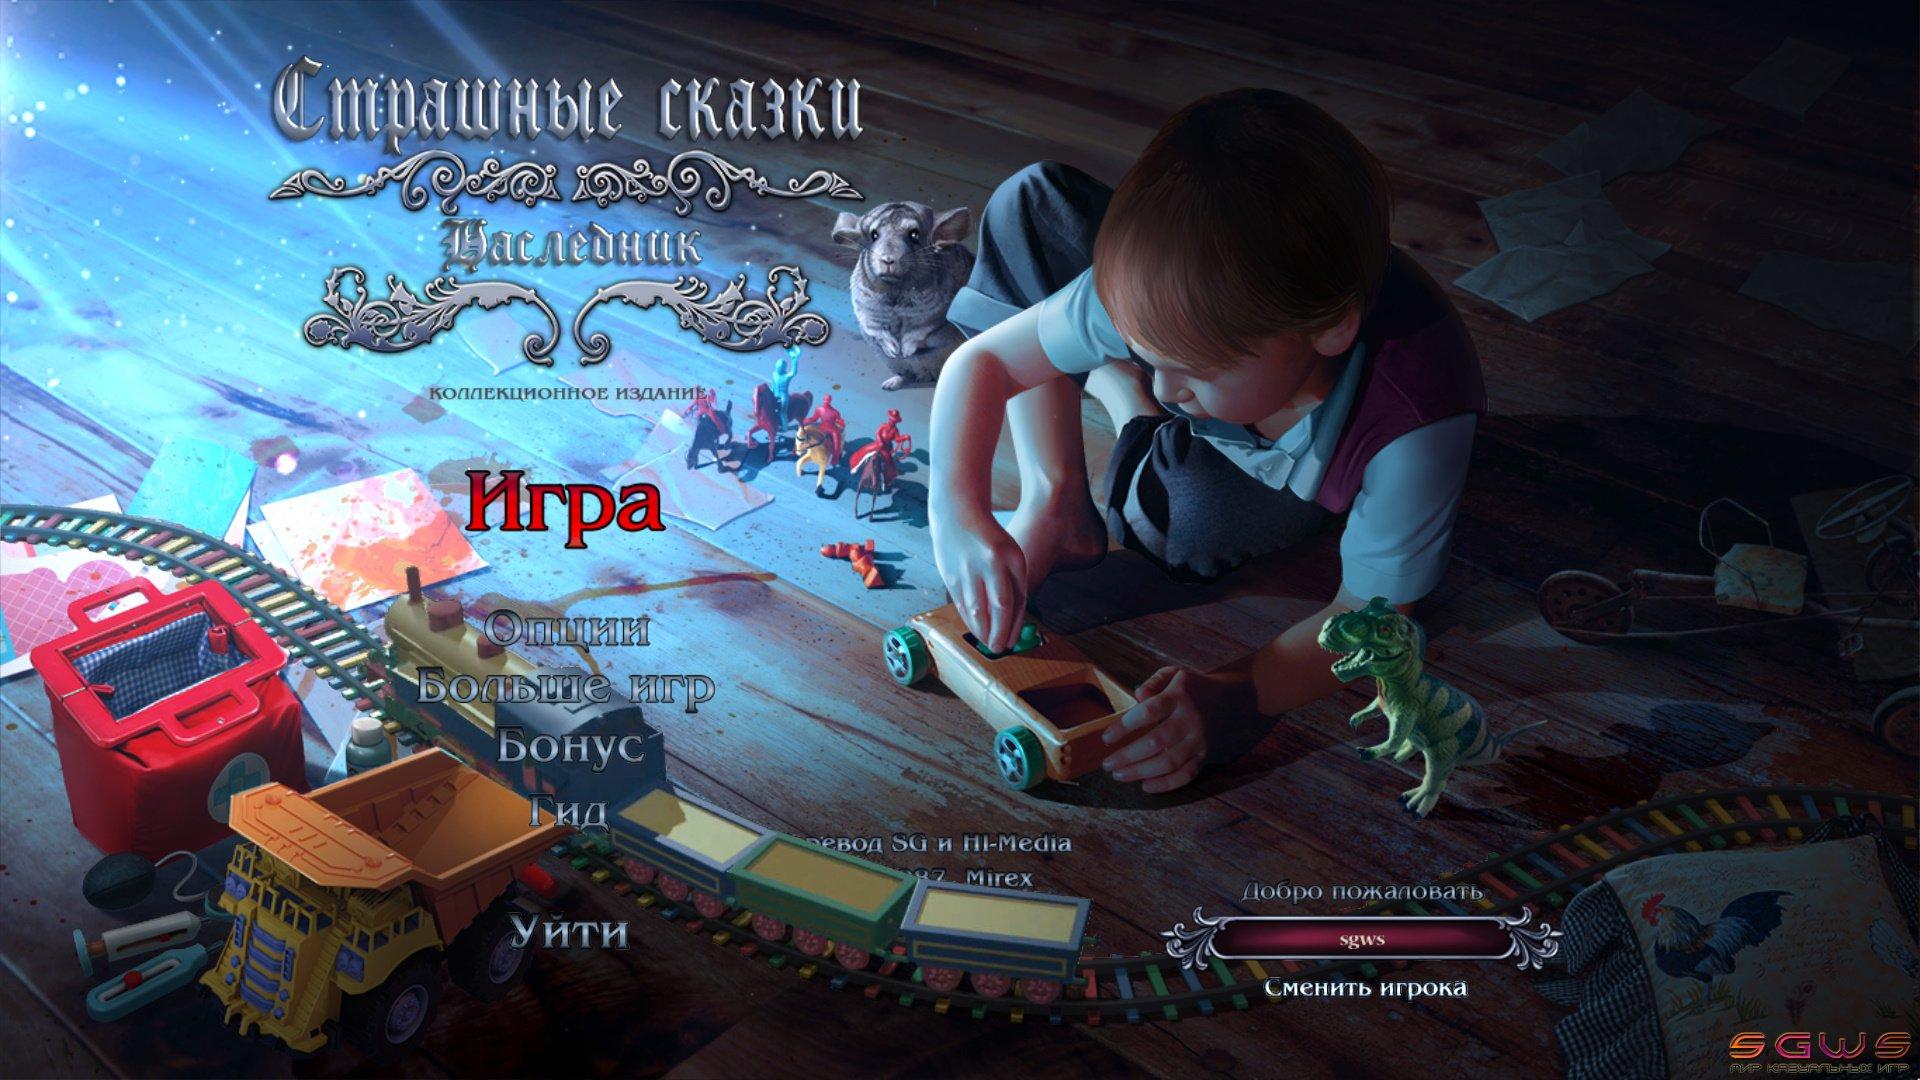 Русские игры для взрослых для компьютеров 23 фотография